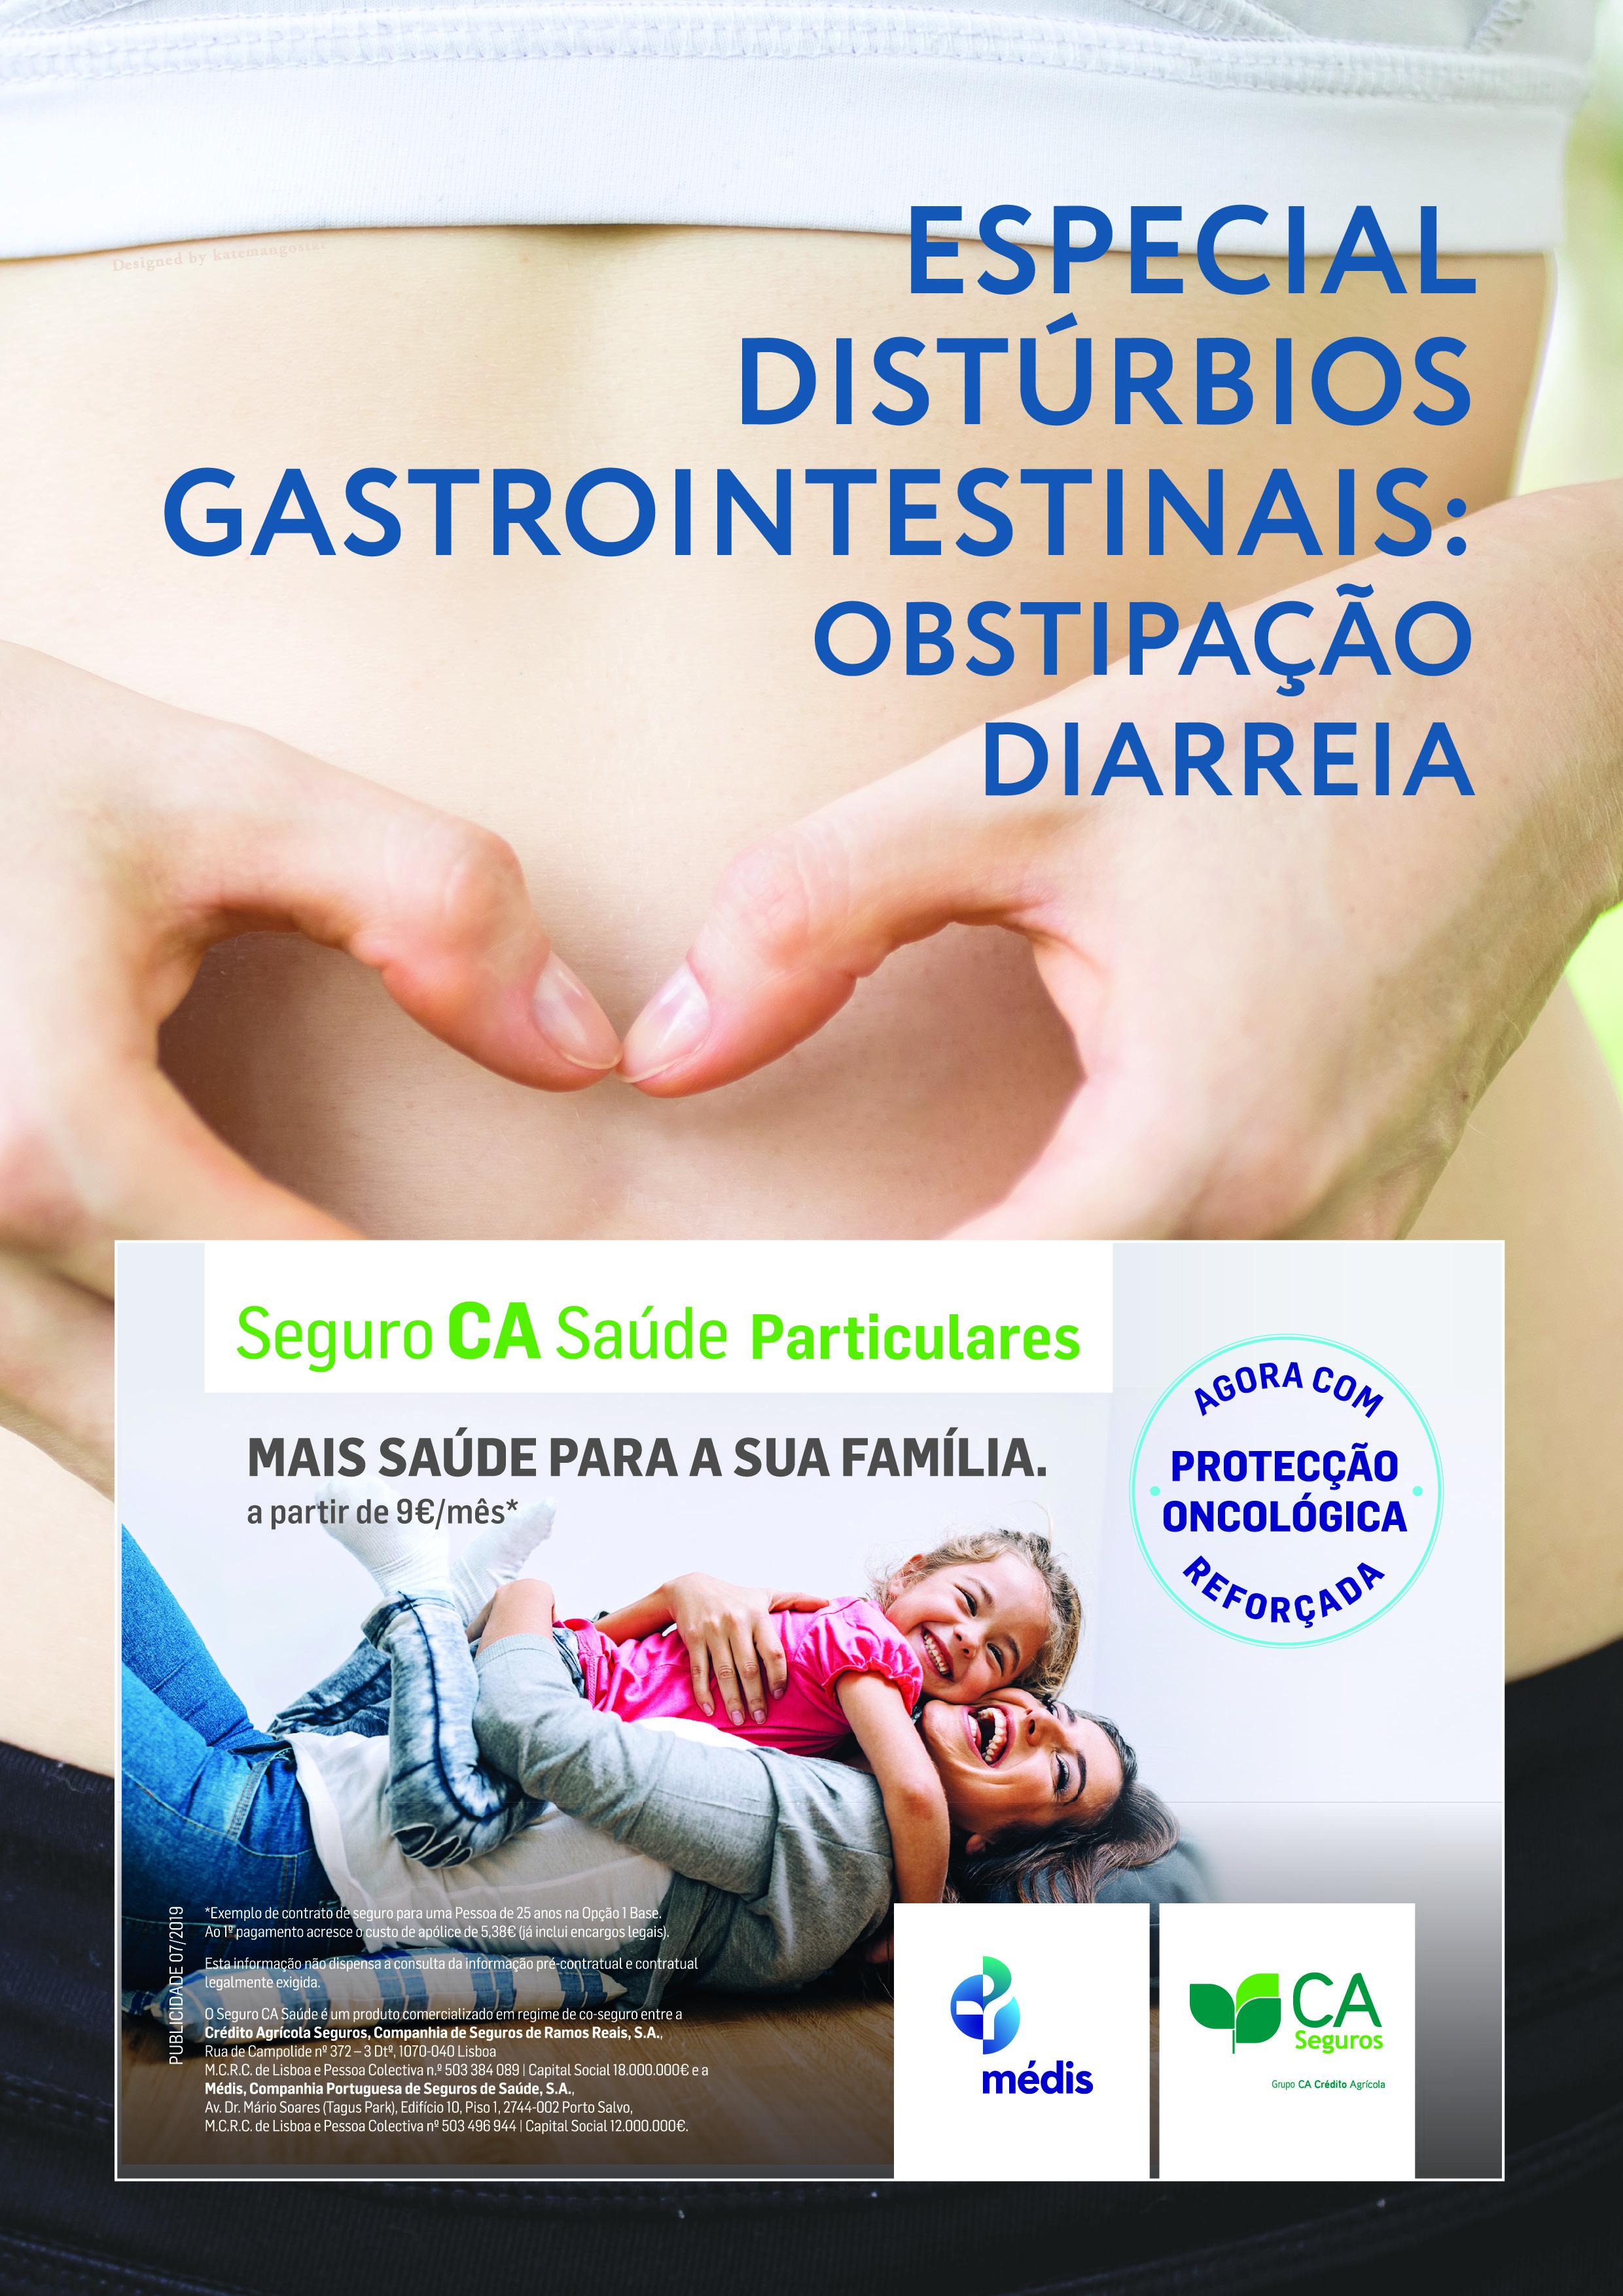 Especial Distúrbios Gastrointestinais